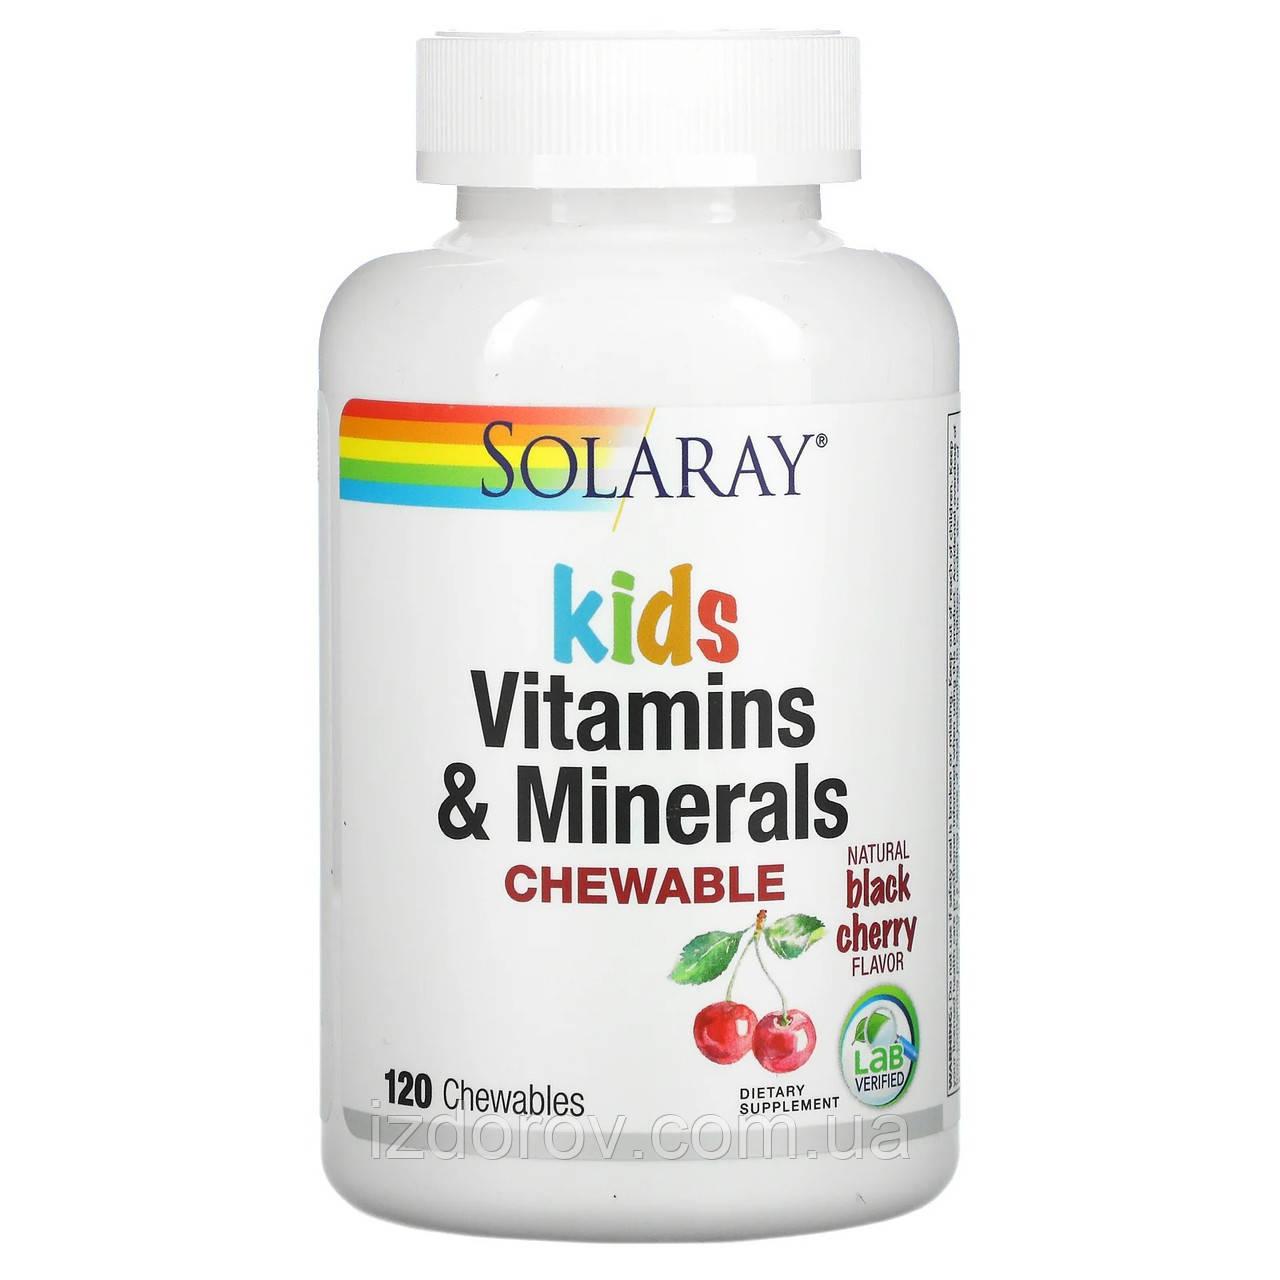 Solaray, Мультивитамины и минералы для детей, натуральный вкус черной вишни, 120 жевательных таблеток